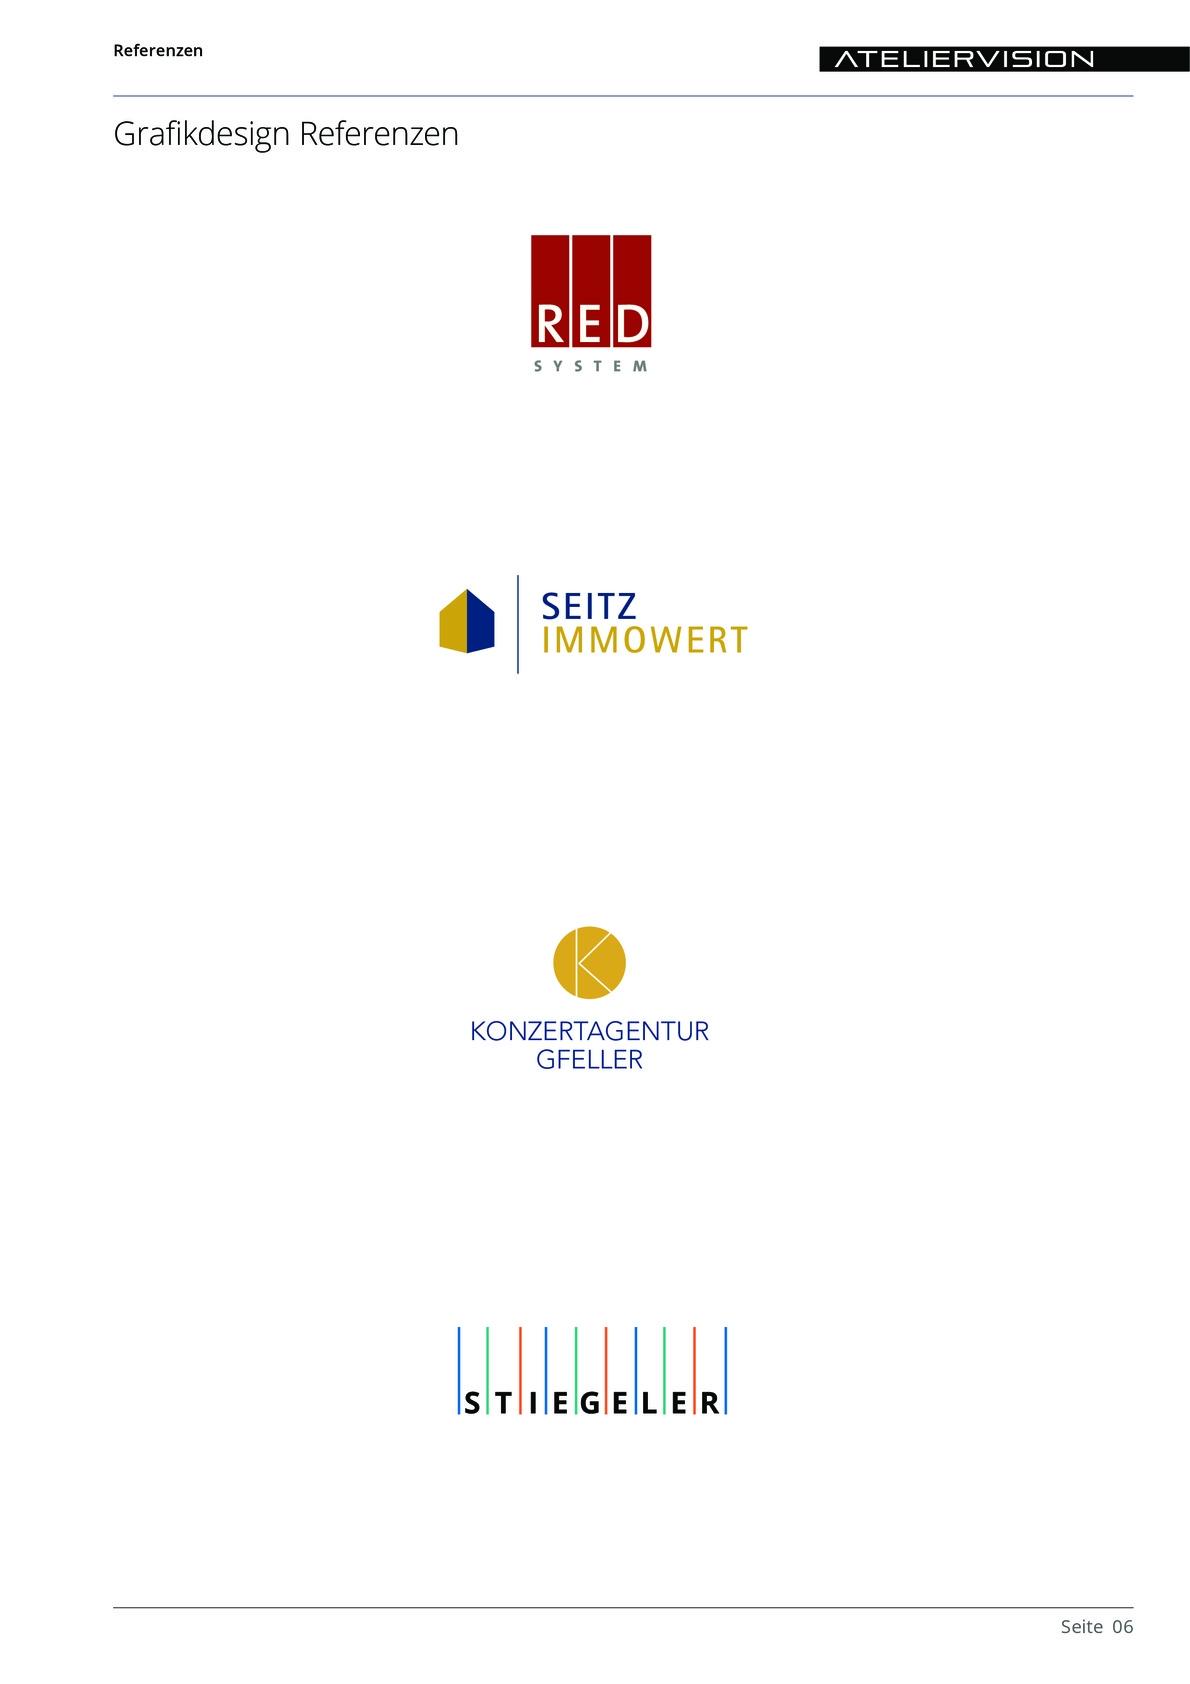 ATELIERVISION Referenzen aus PDF Datei Overview 6